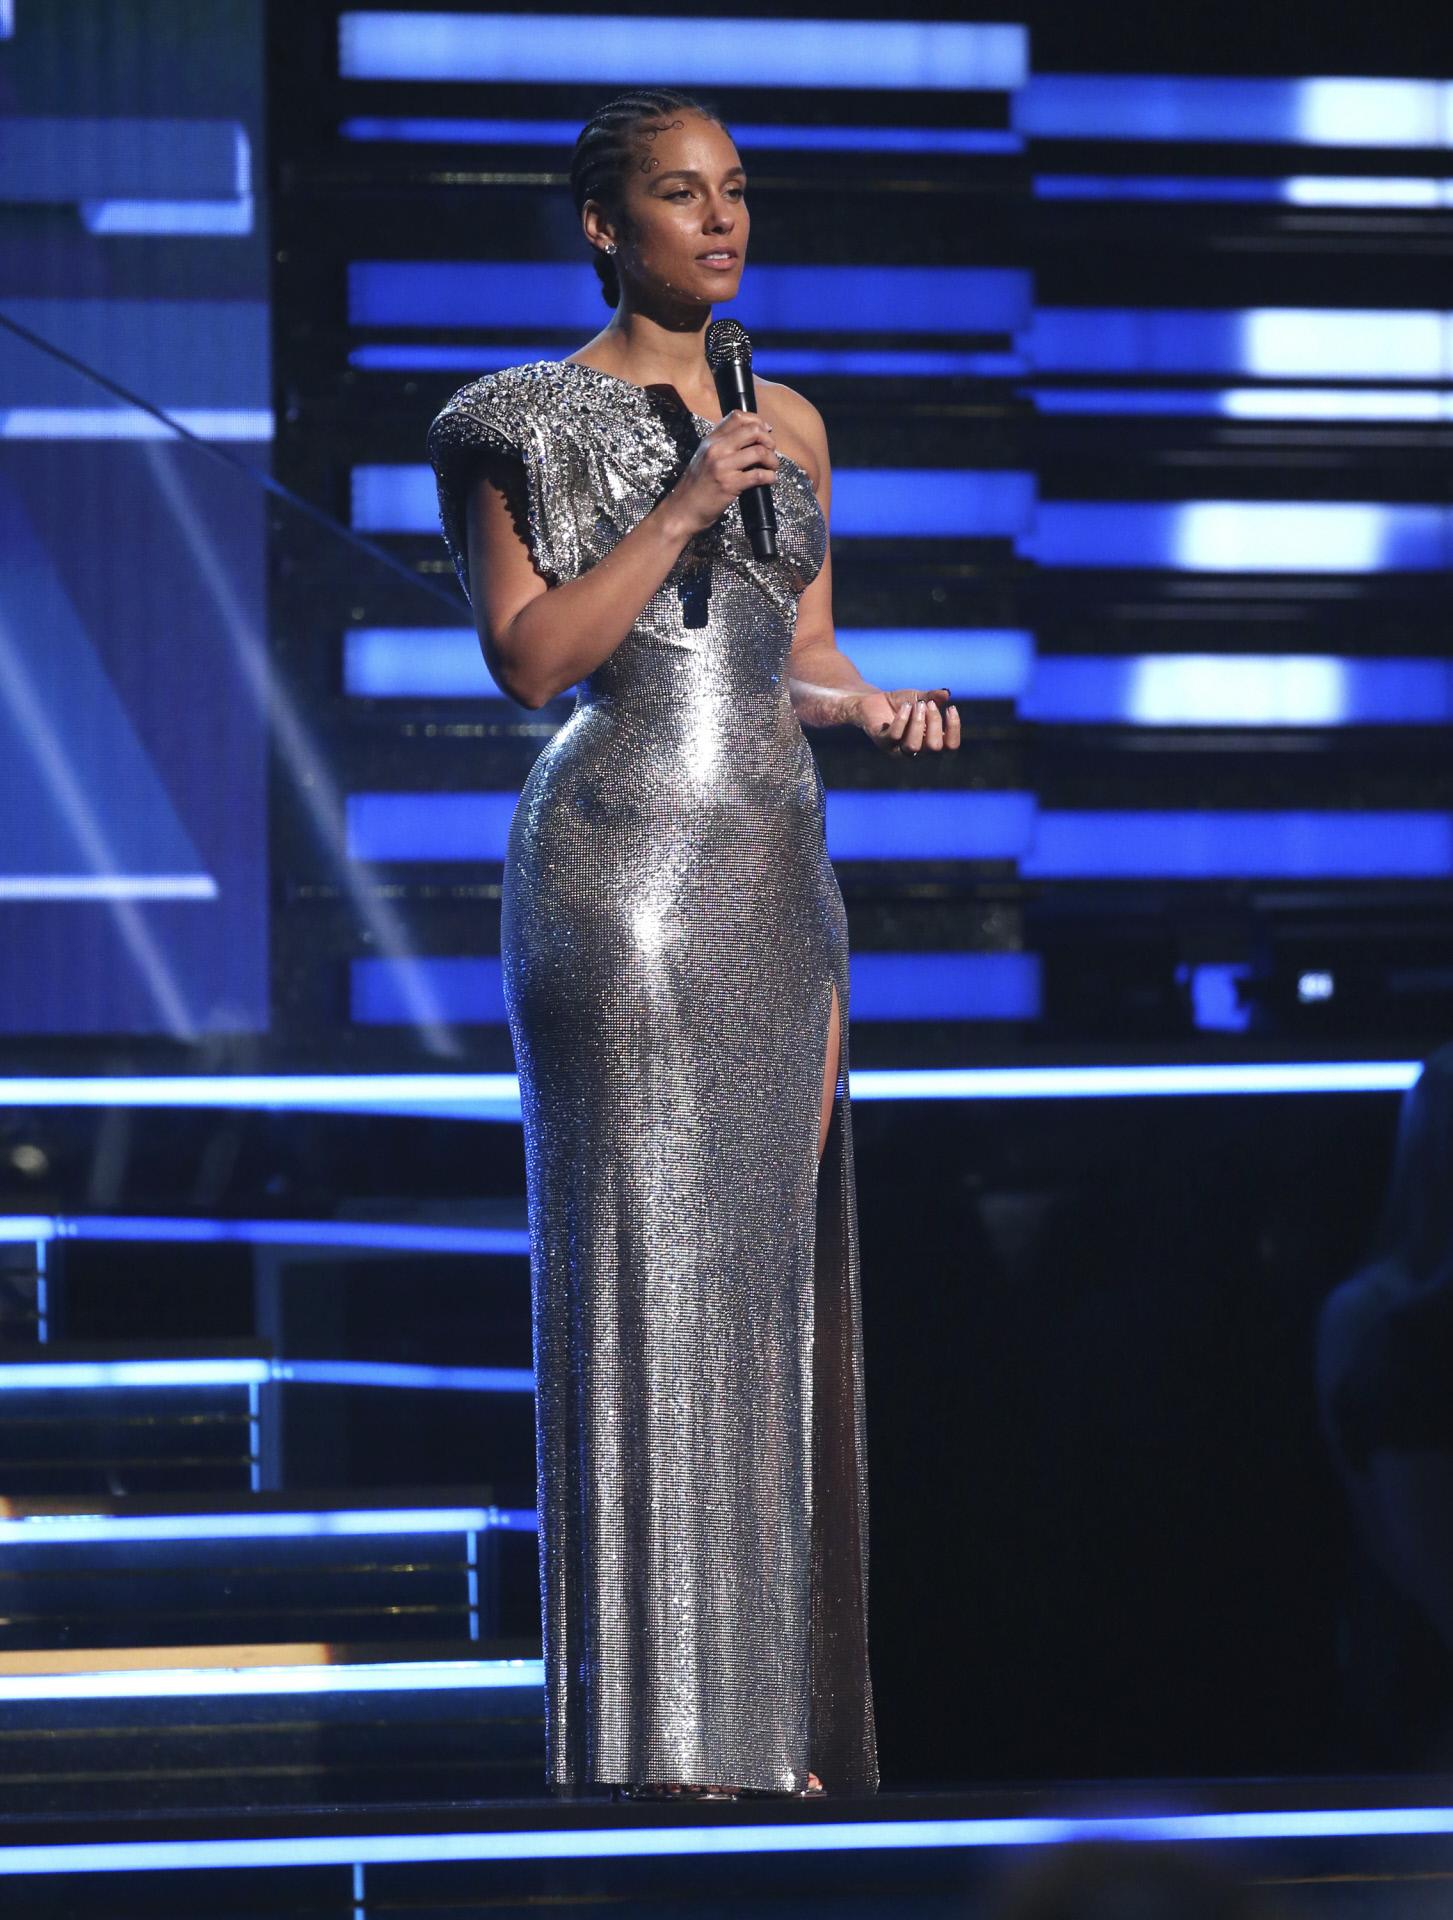 La cantante Alicia Keys dedica unas palabras a Kobe Bryant y su familia